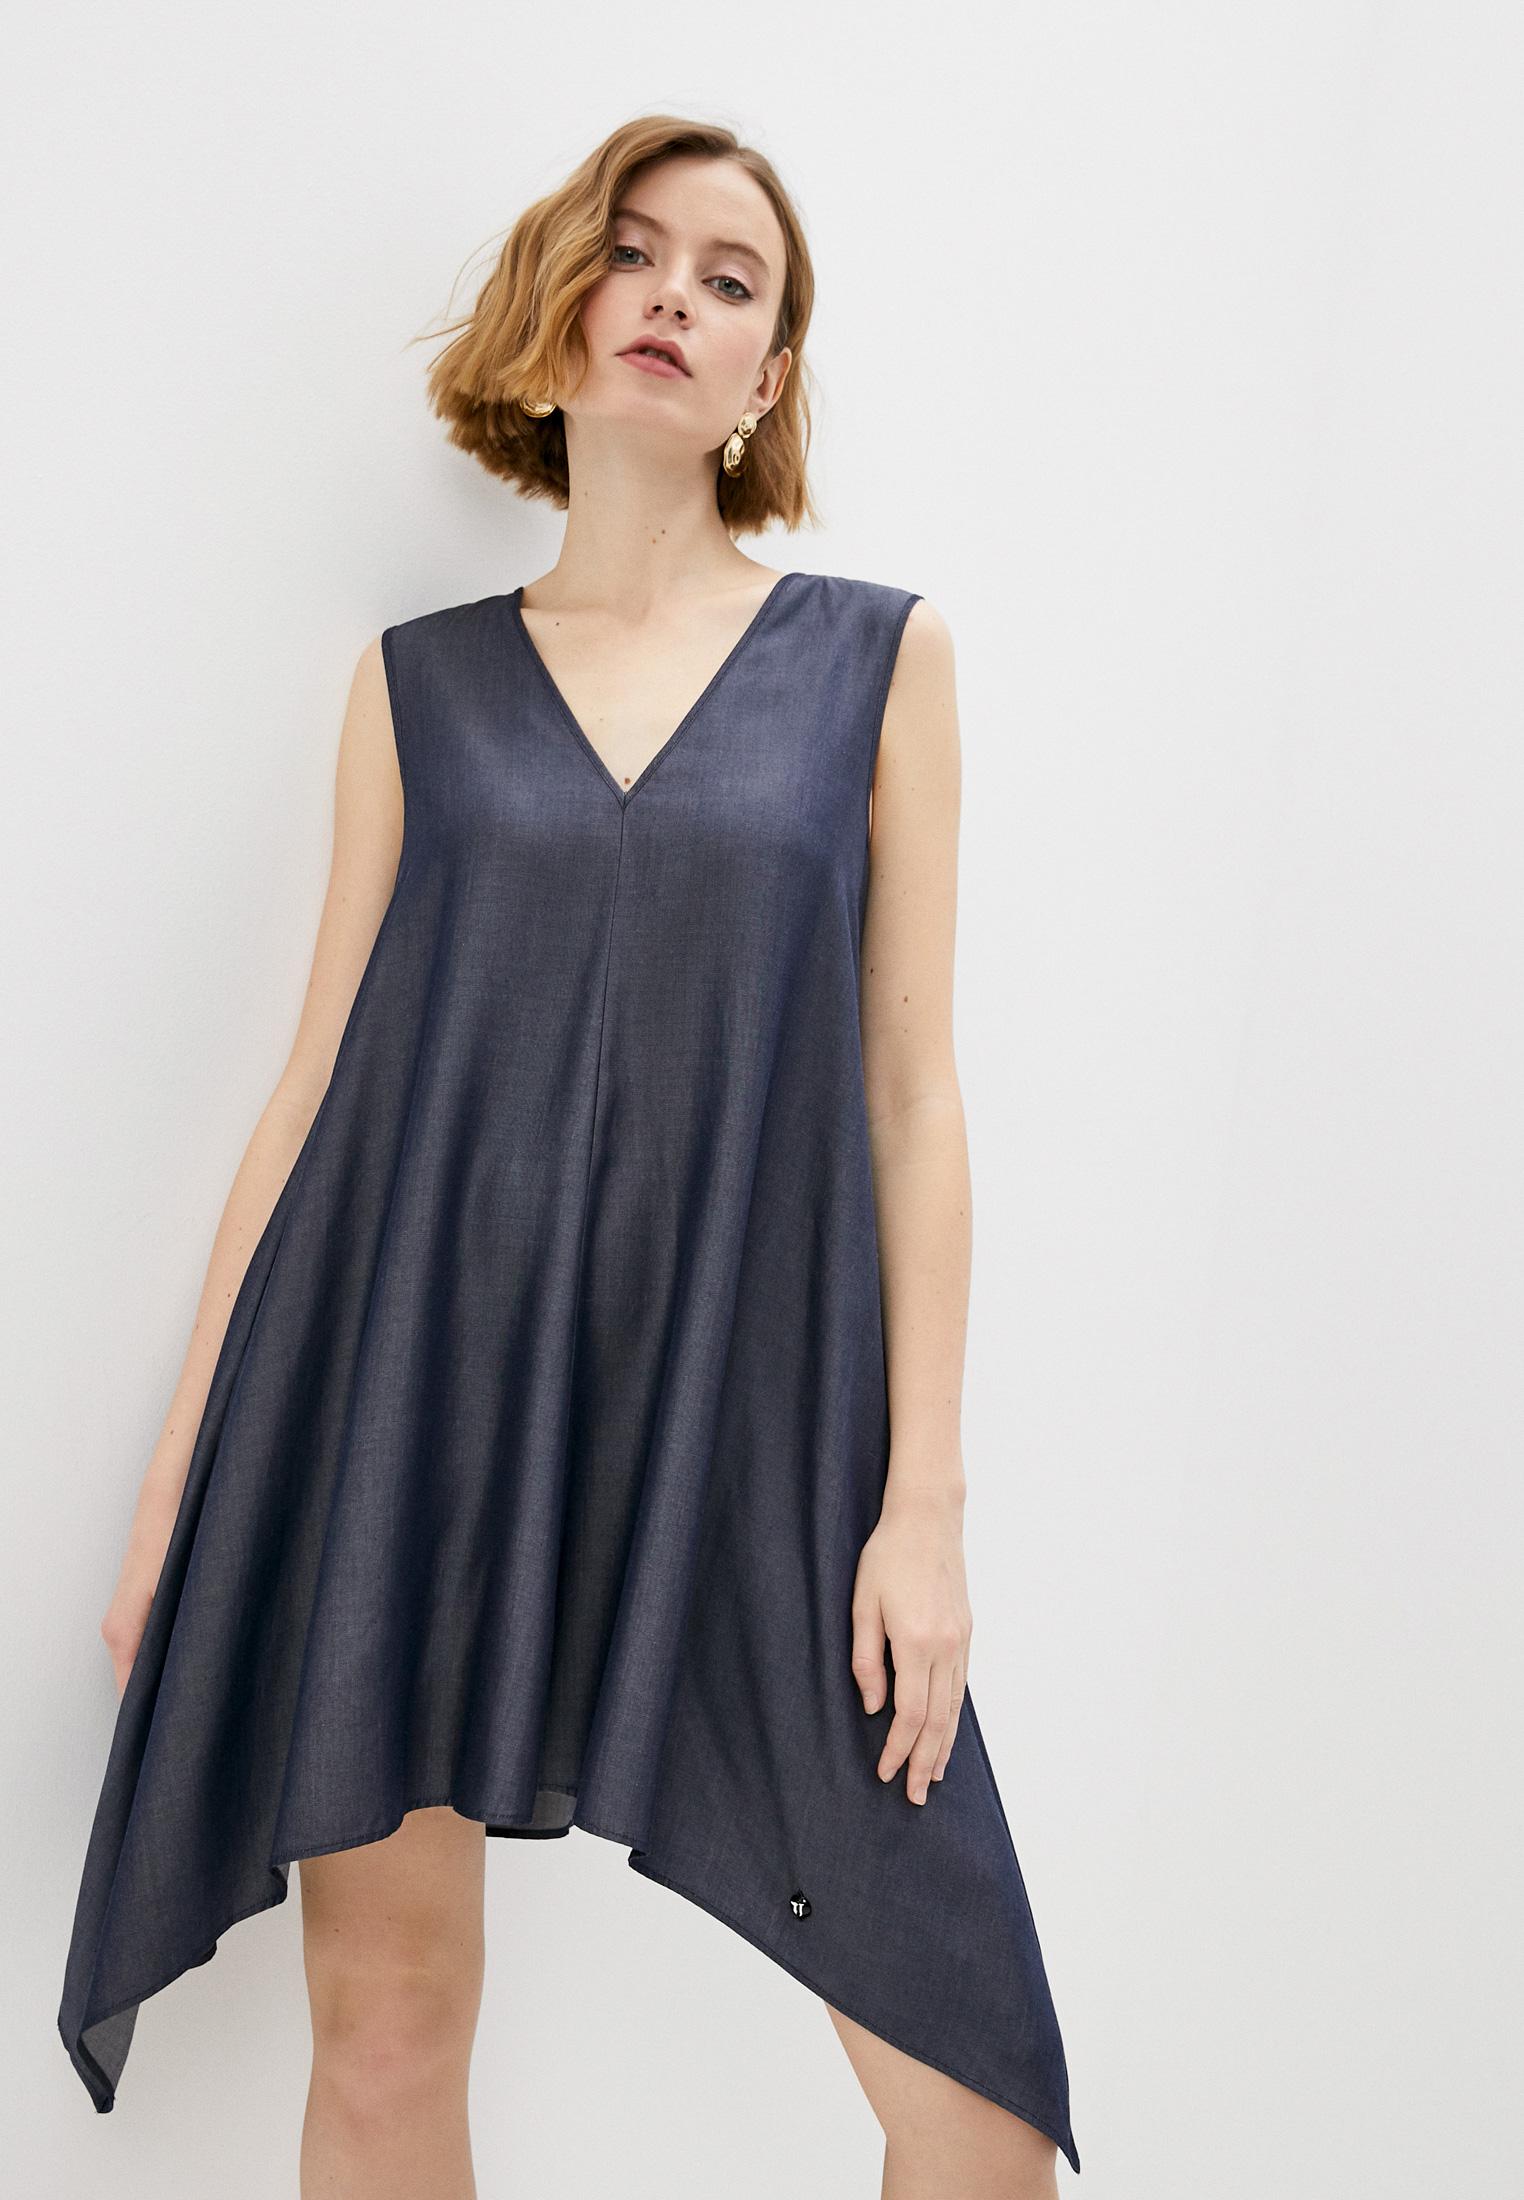 Повседневное платье Trussardi (Труссарди) Платье Trussardi